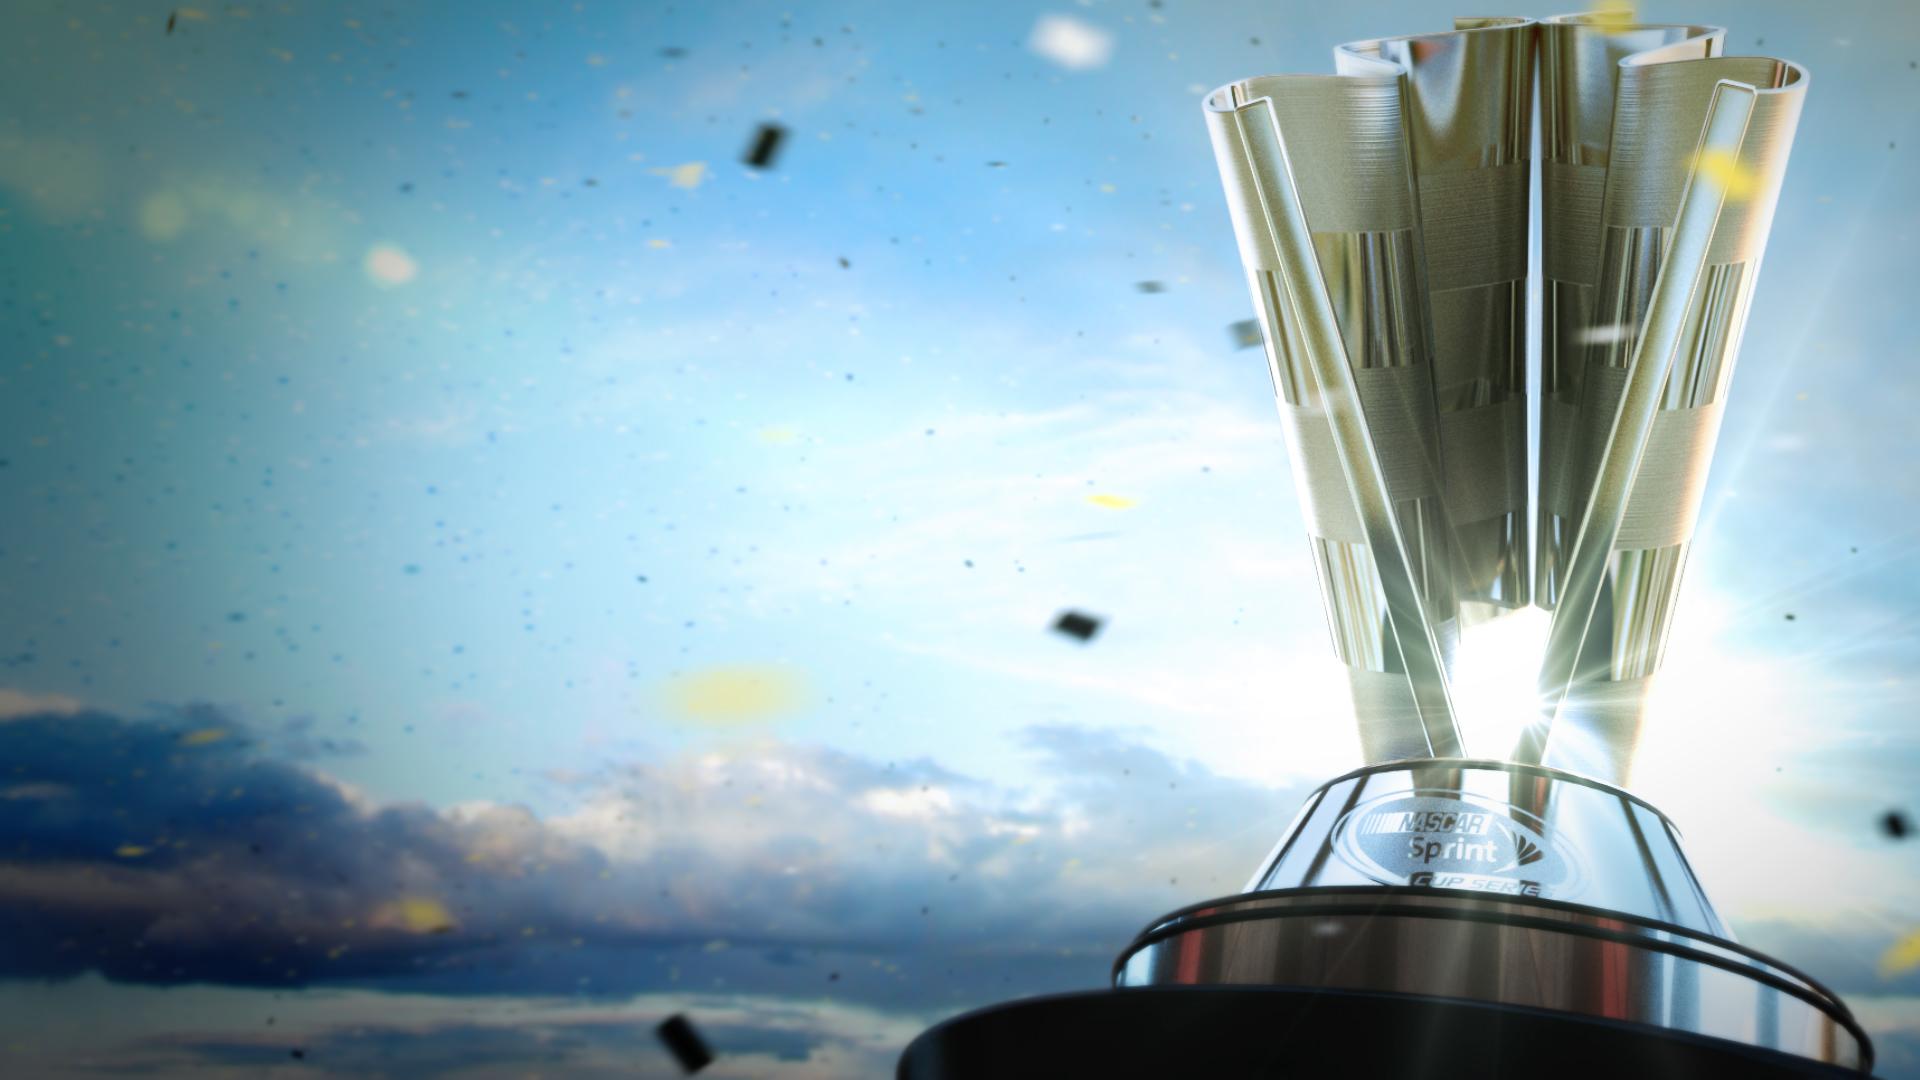 Nascar_Final_Frames_trophy_03.jpg